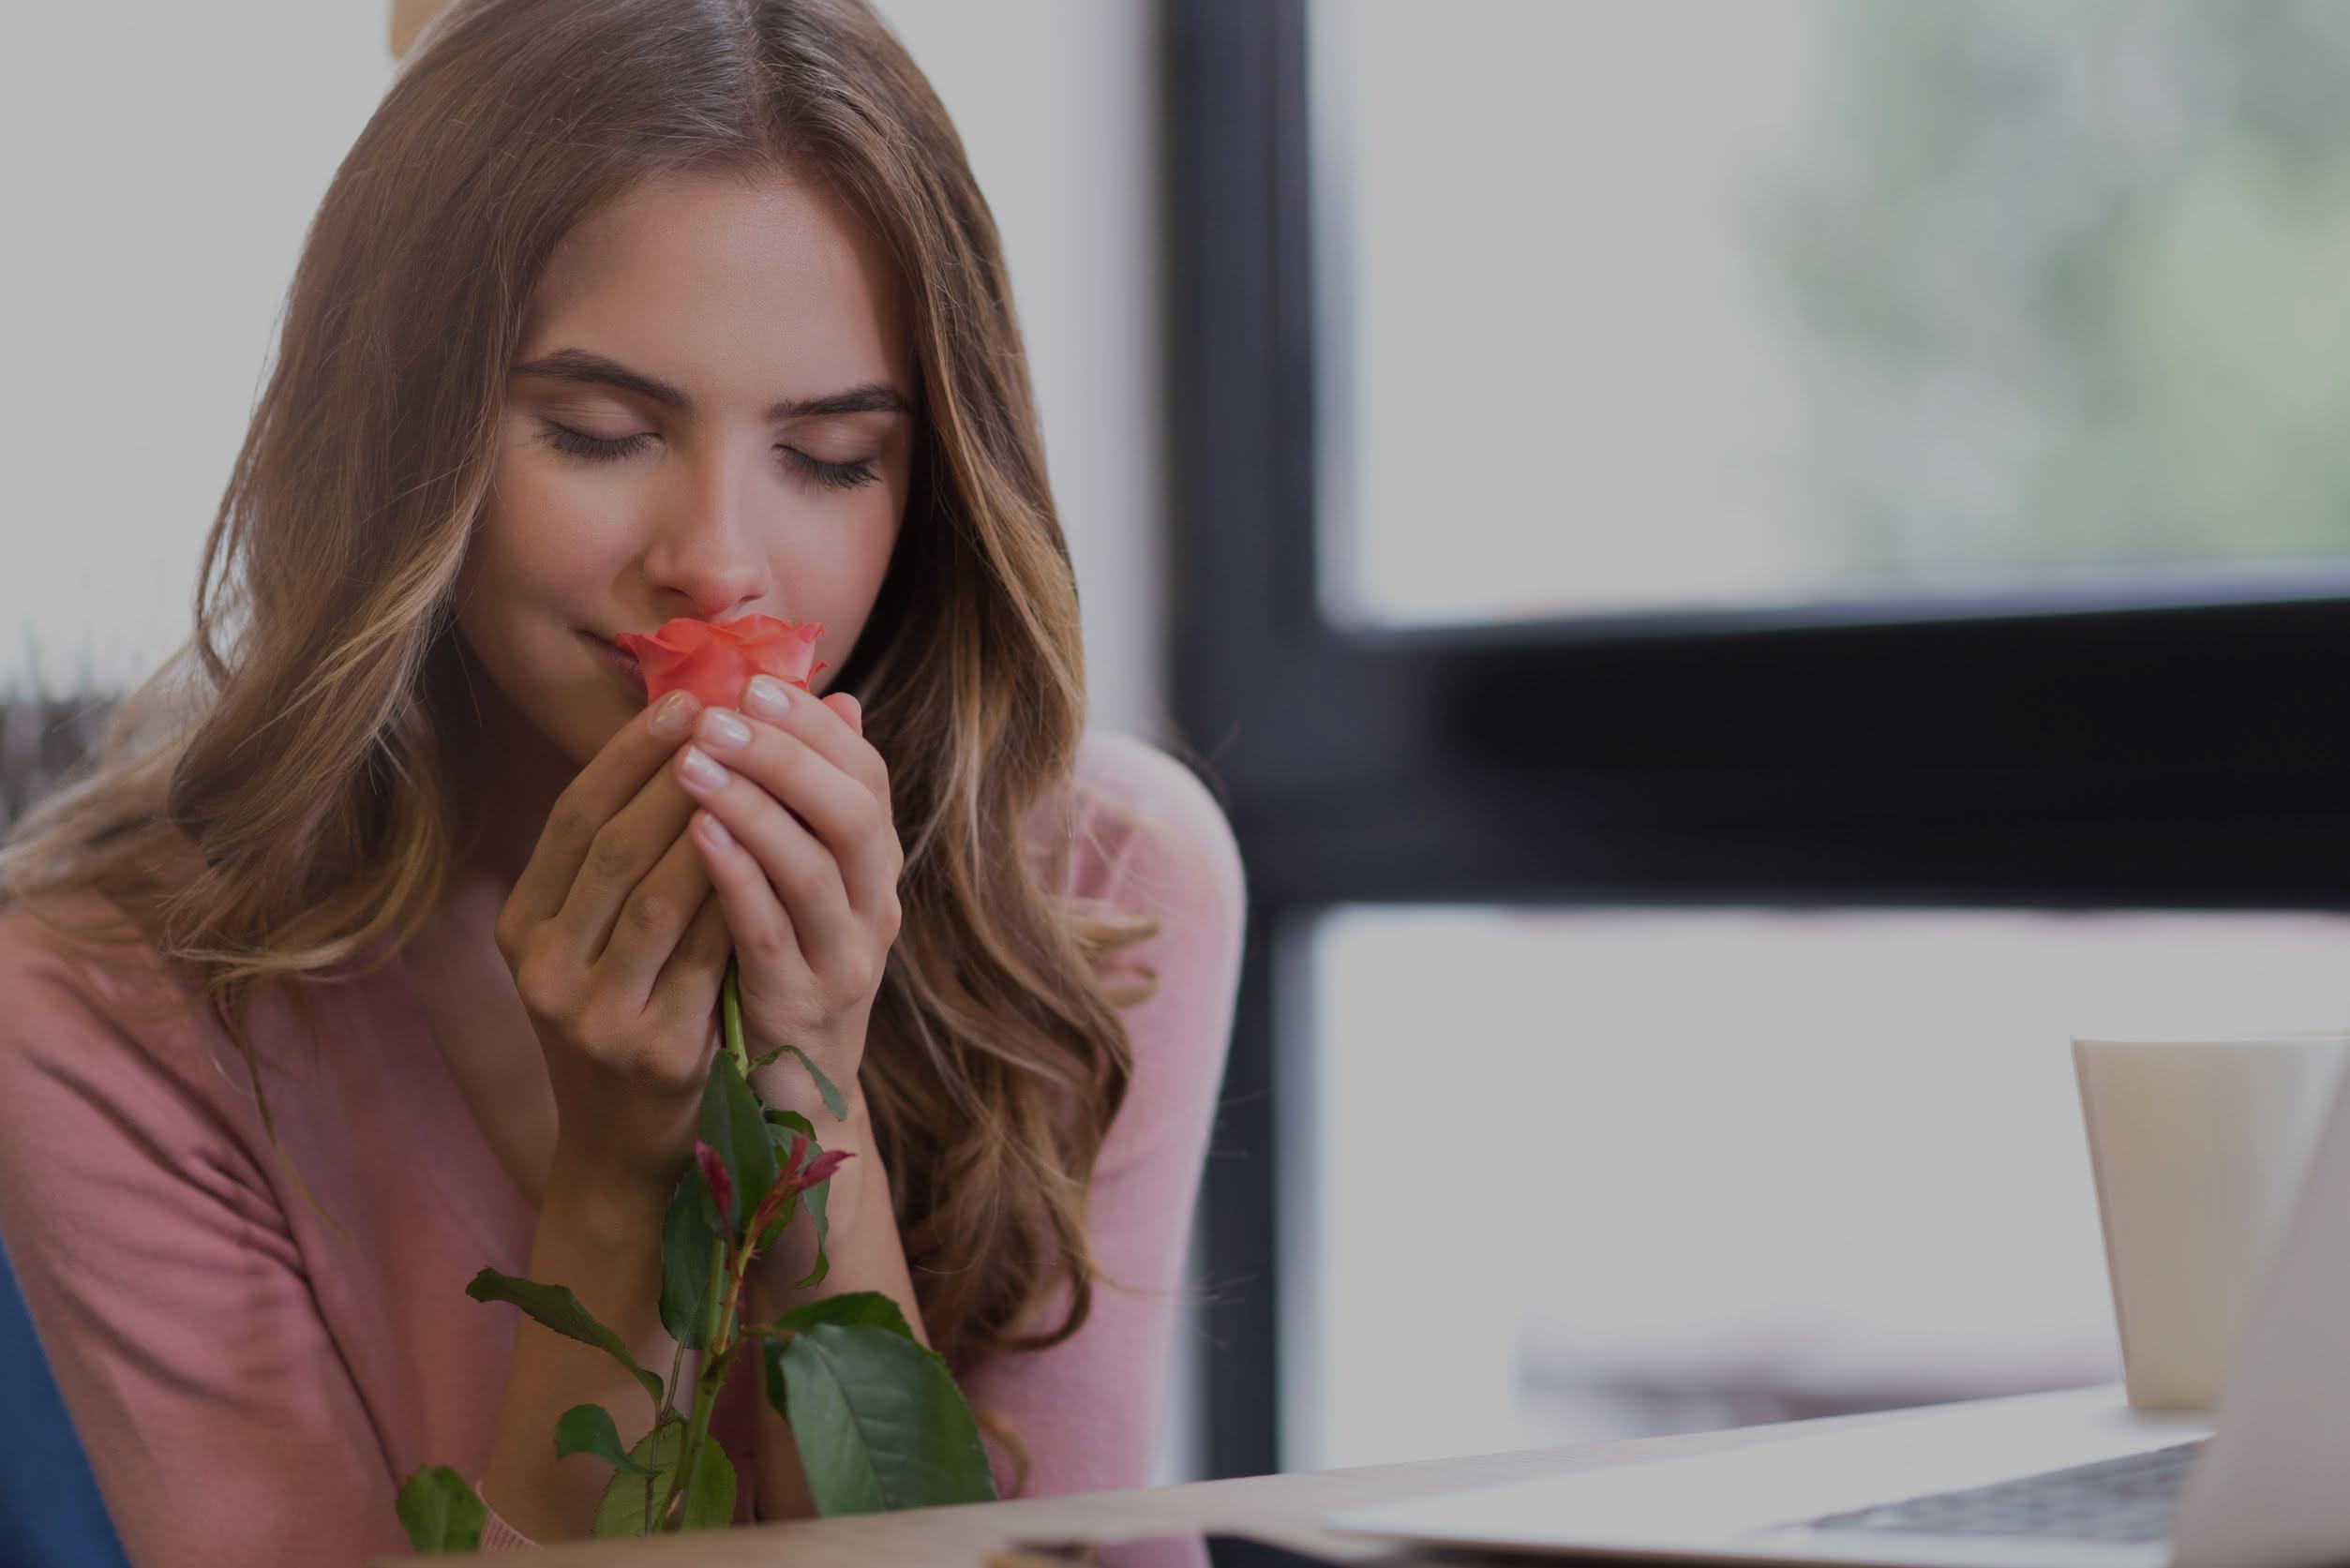 Frases para acompañar tu detalle floral el Día de la Mujer